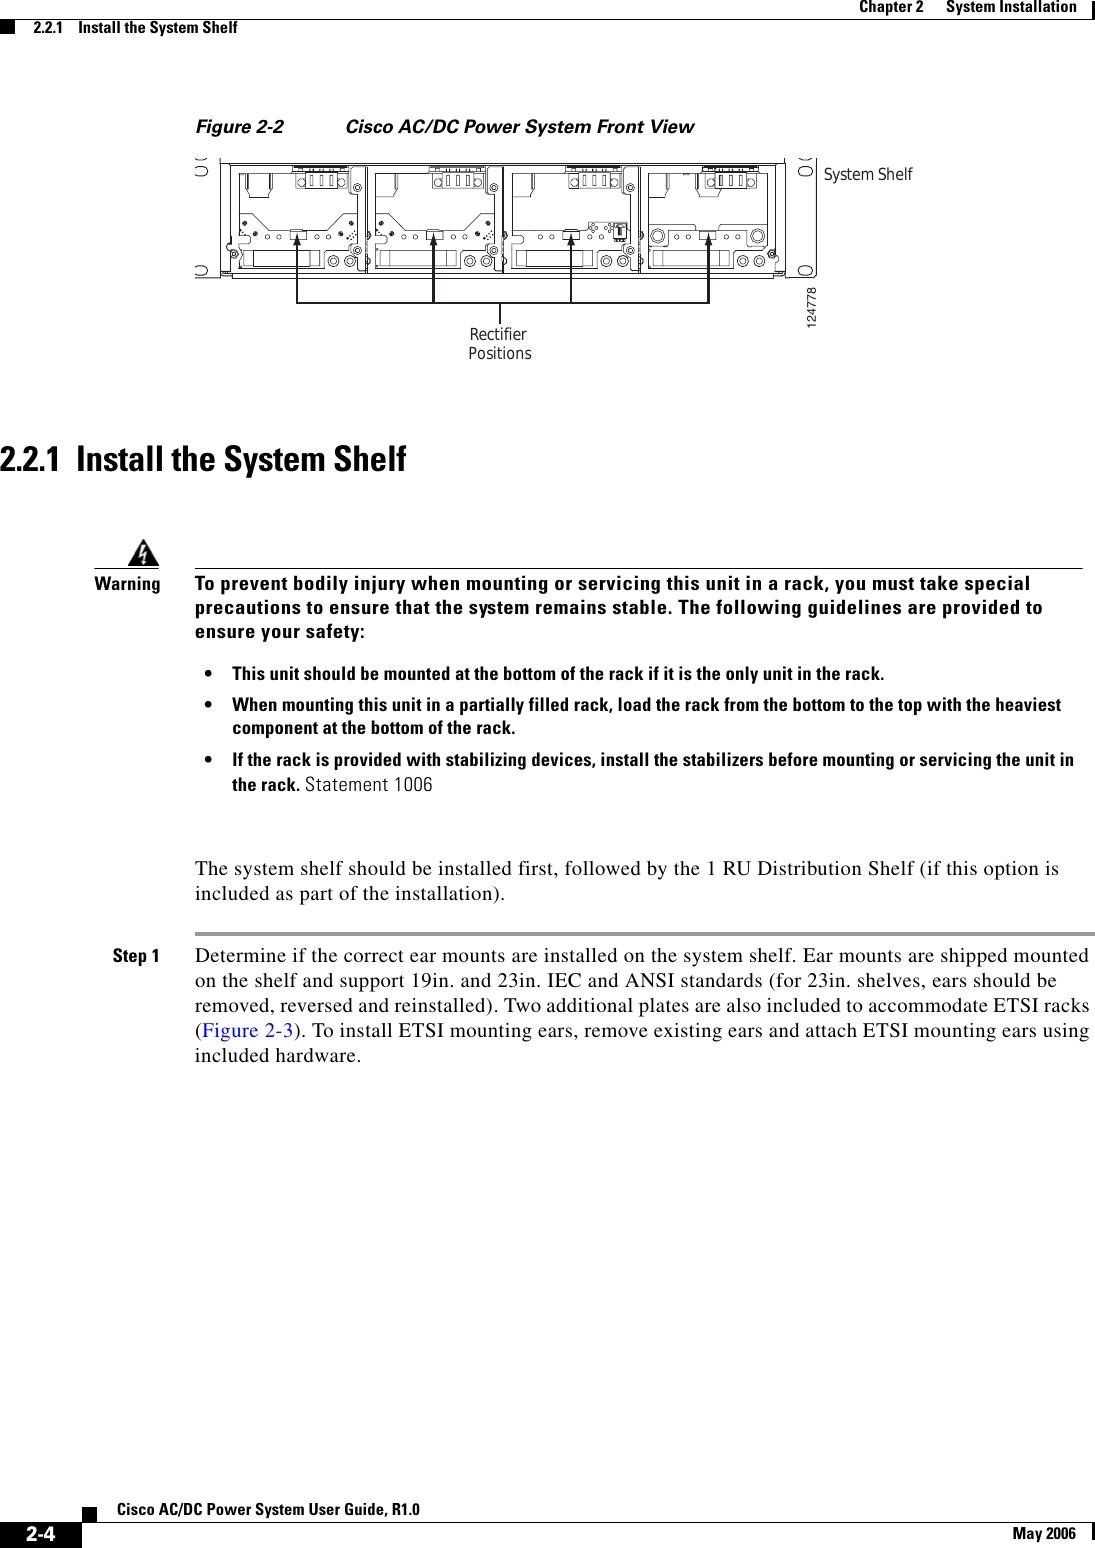 CISCO CSCO-SM-PWR-SA CSCO AC//DC Pwr Sys Shelf includes